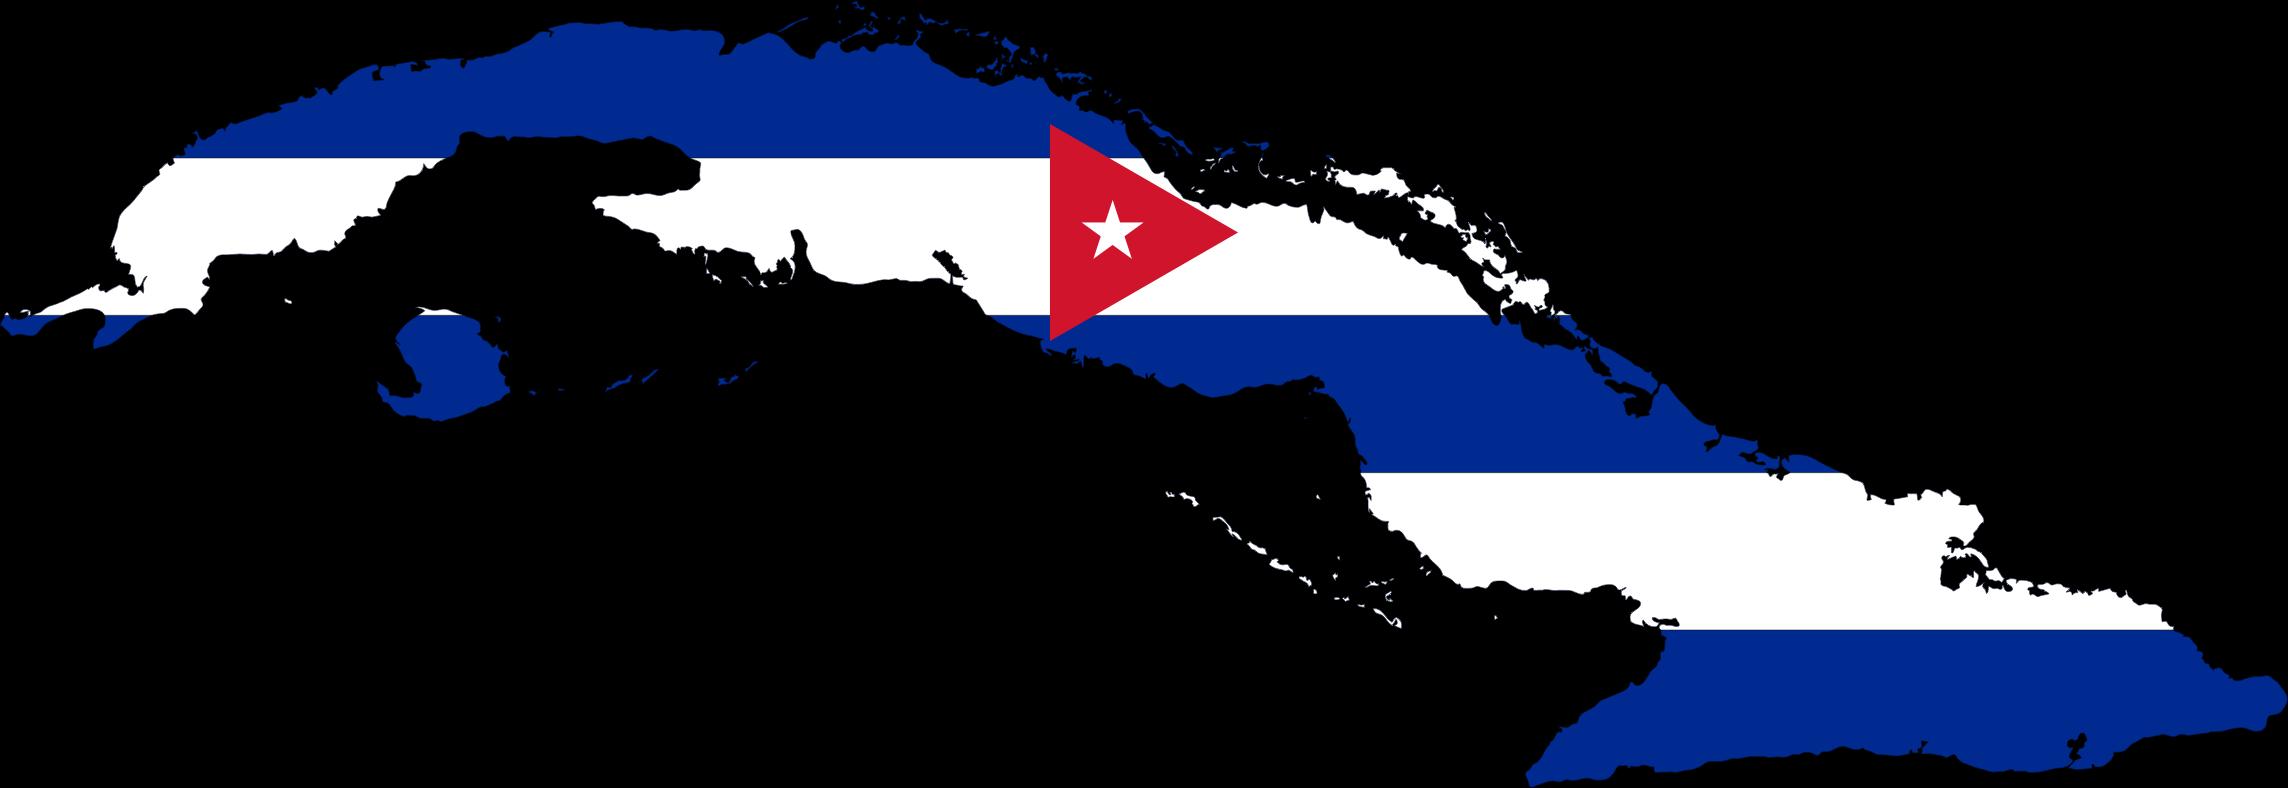 Clipart Cuba Map Flag - Cuba map